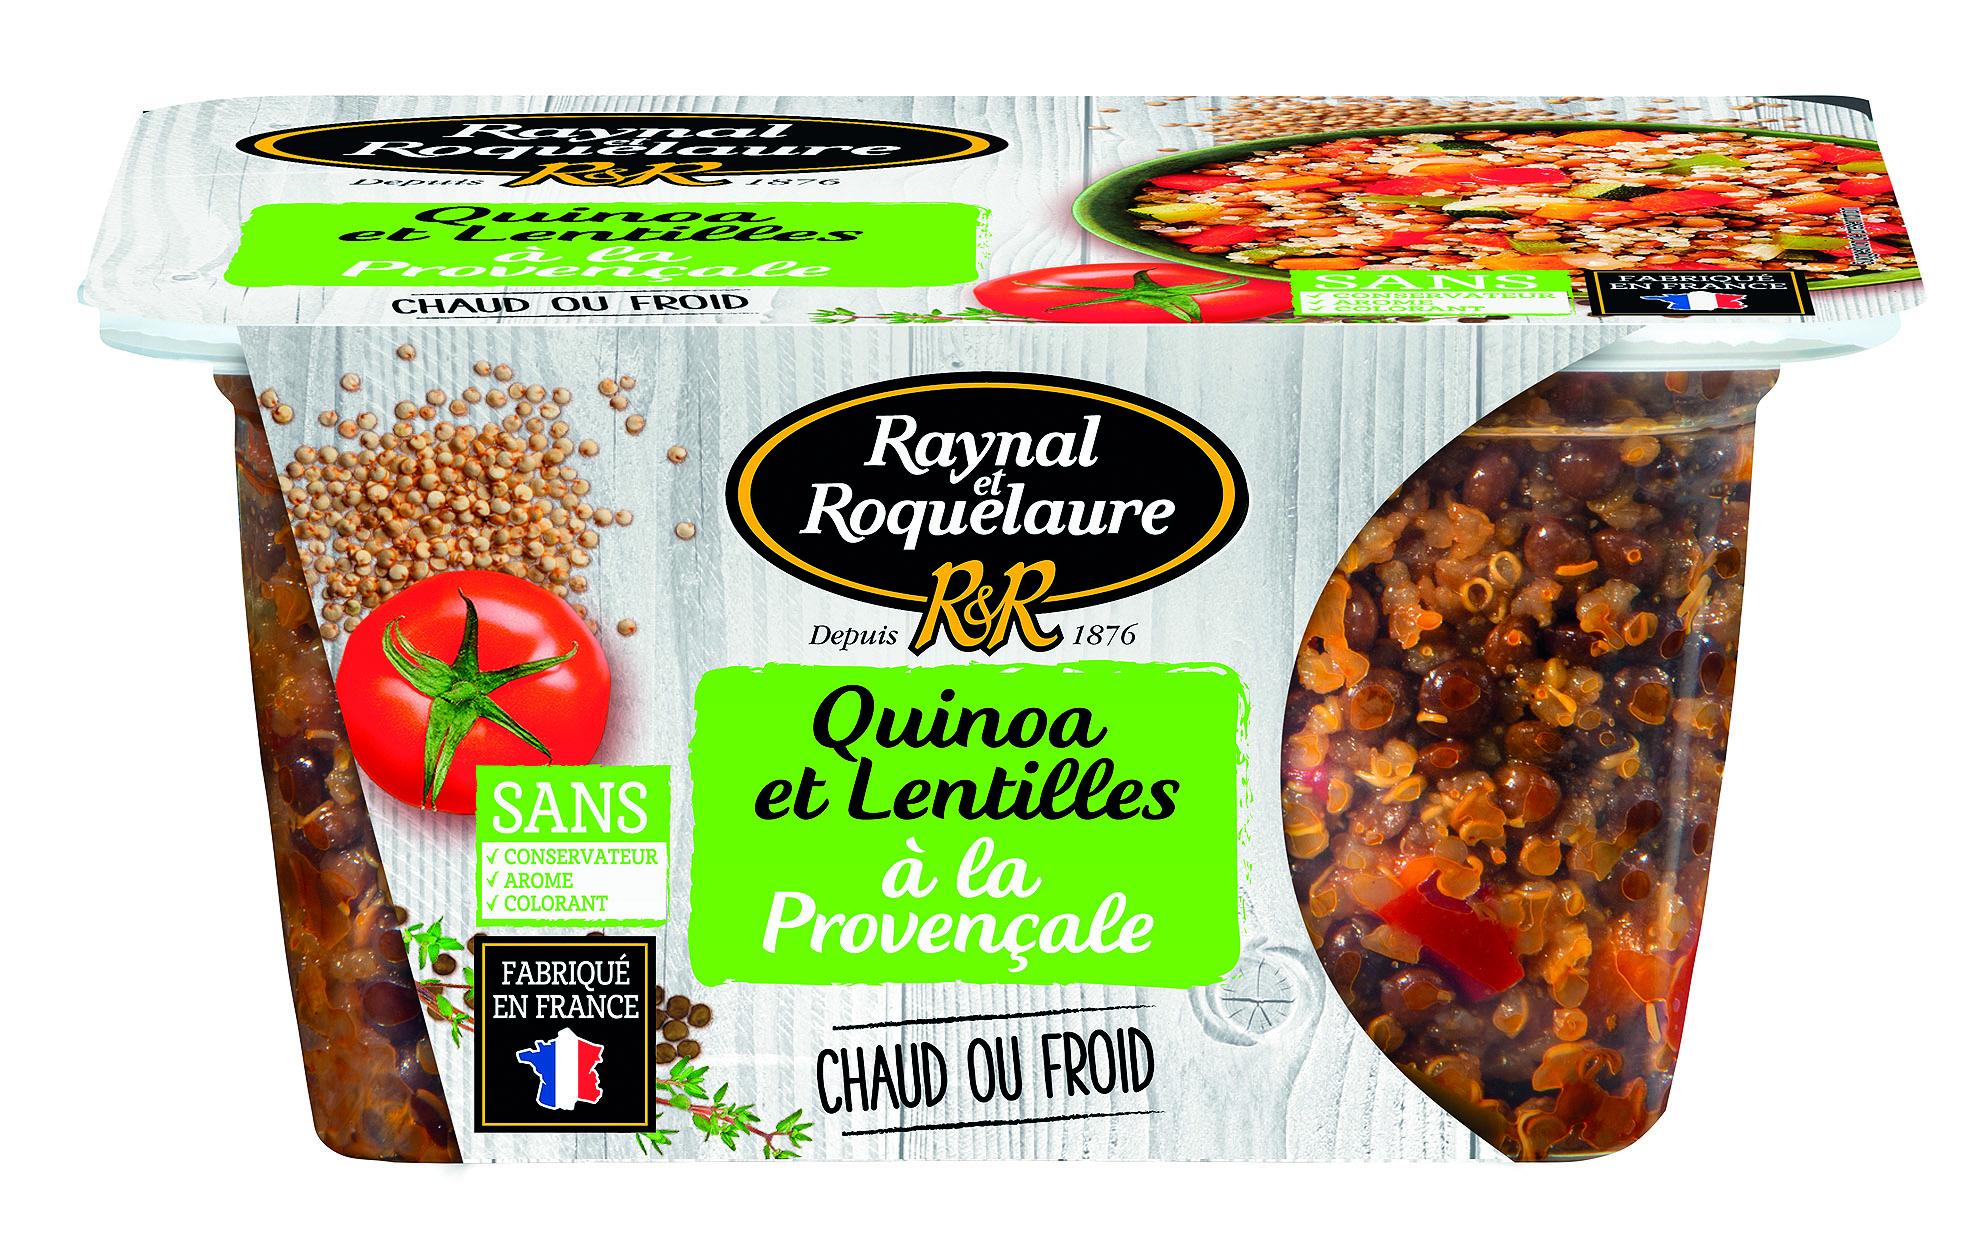 3021690028256 boite transp quinoa lentilles 300 - Raynal et Roquelaure mise sur la transparence pour réinventer ses conserves